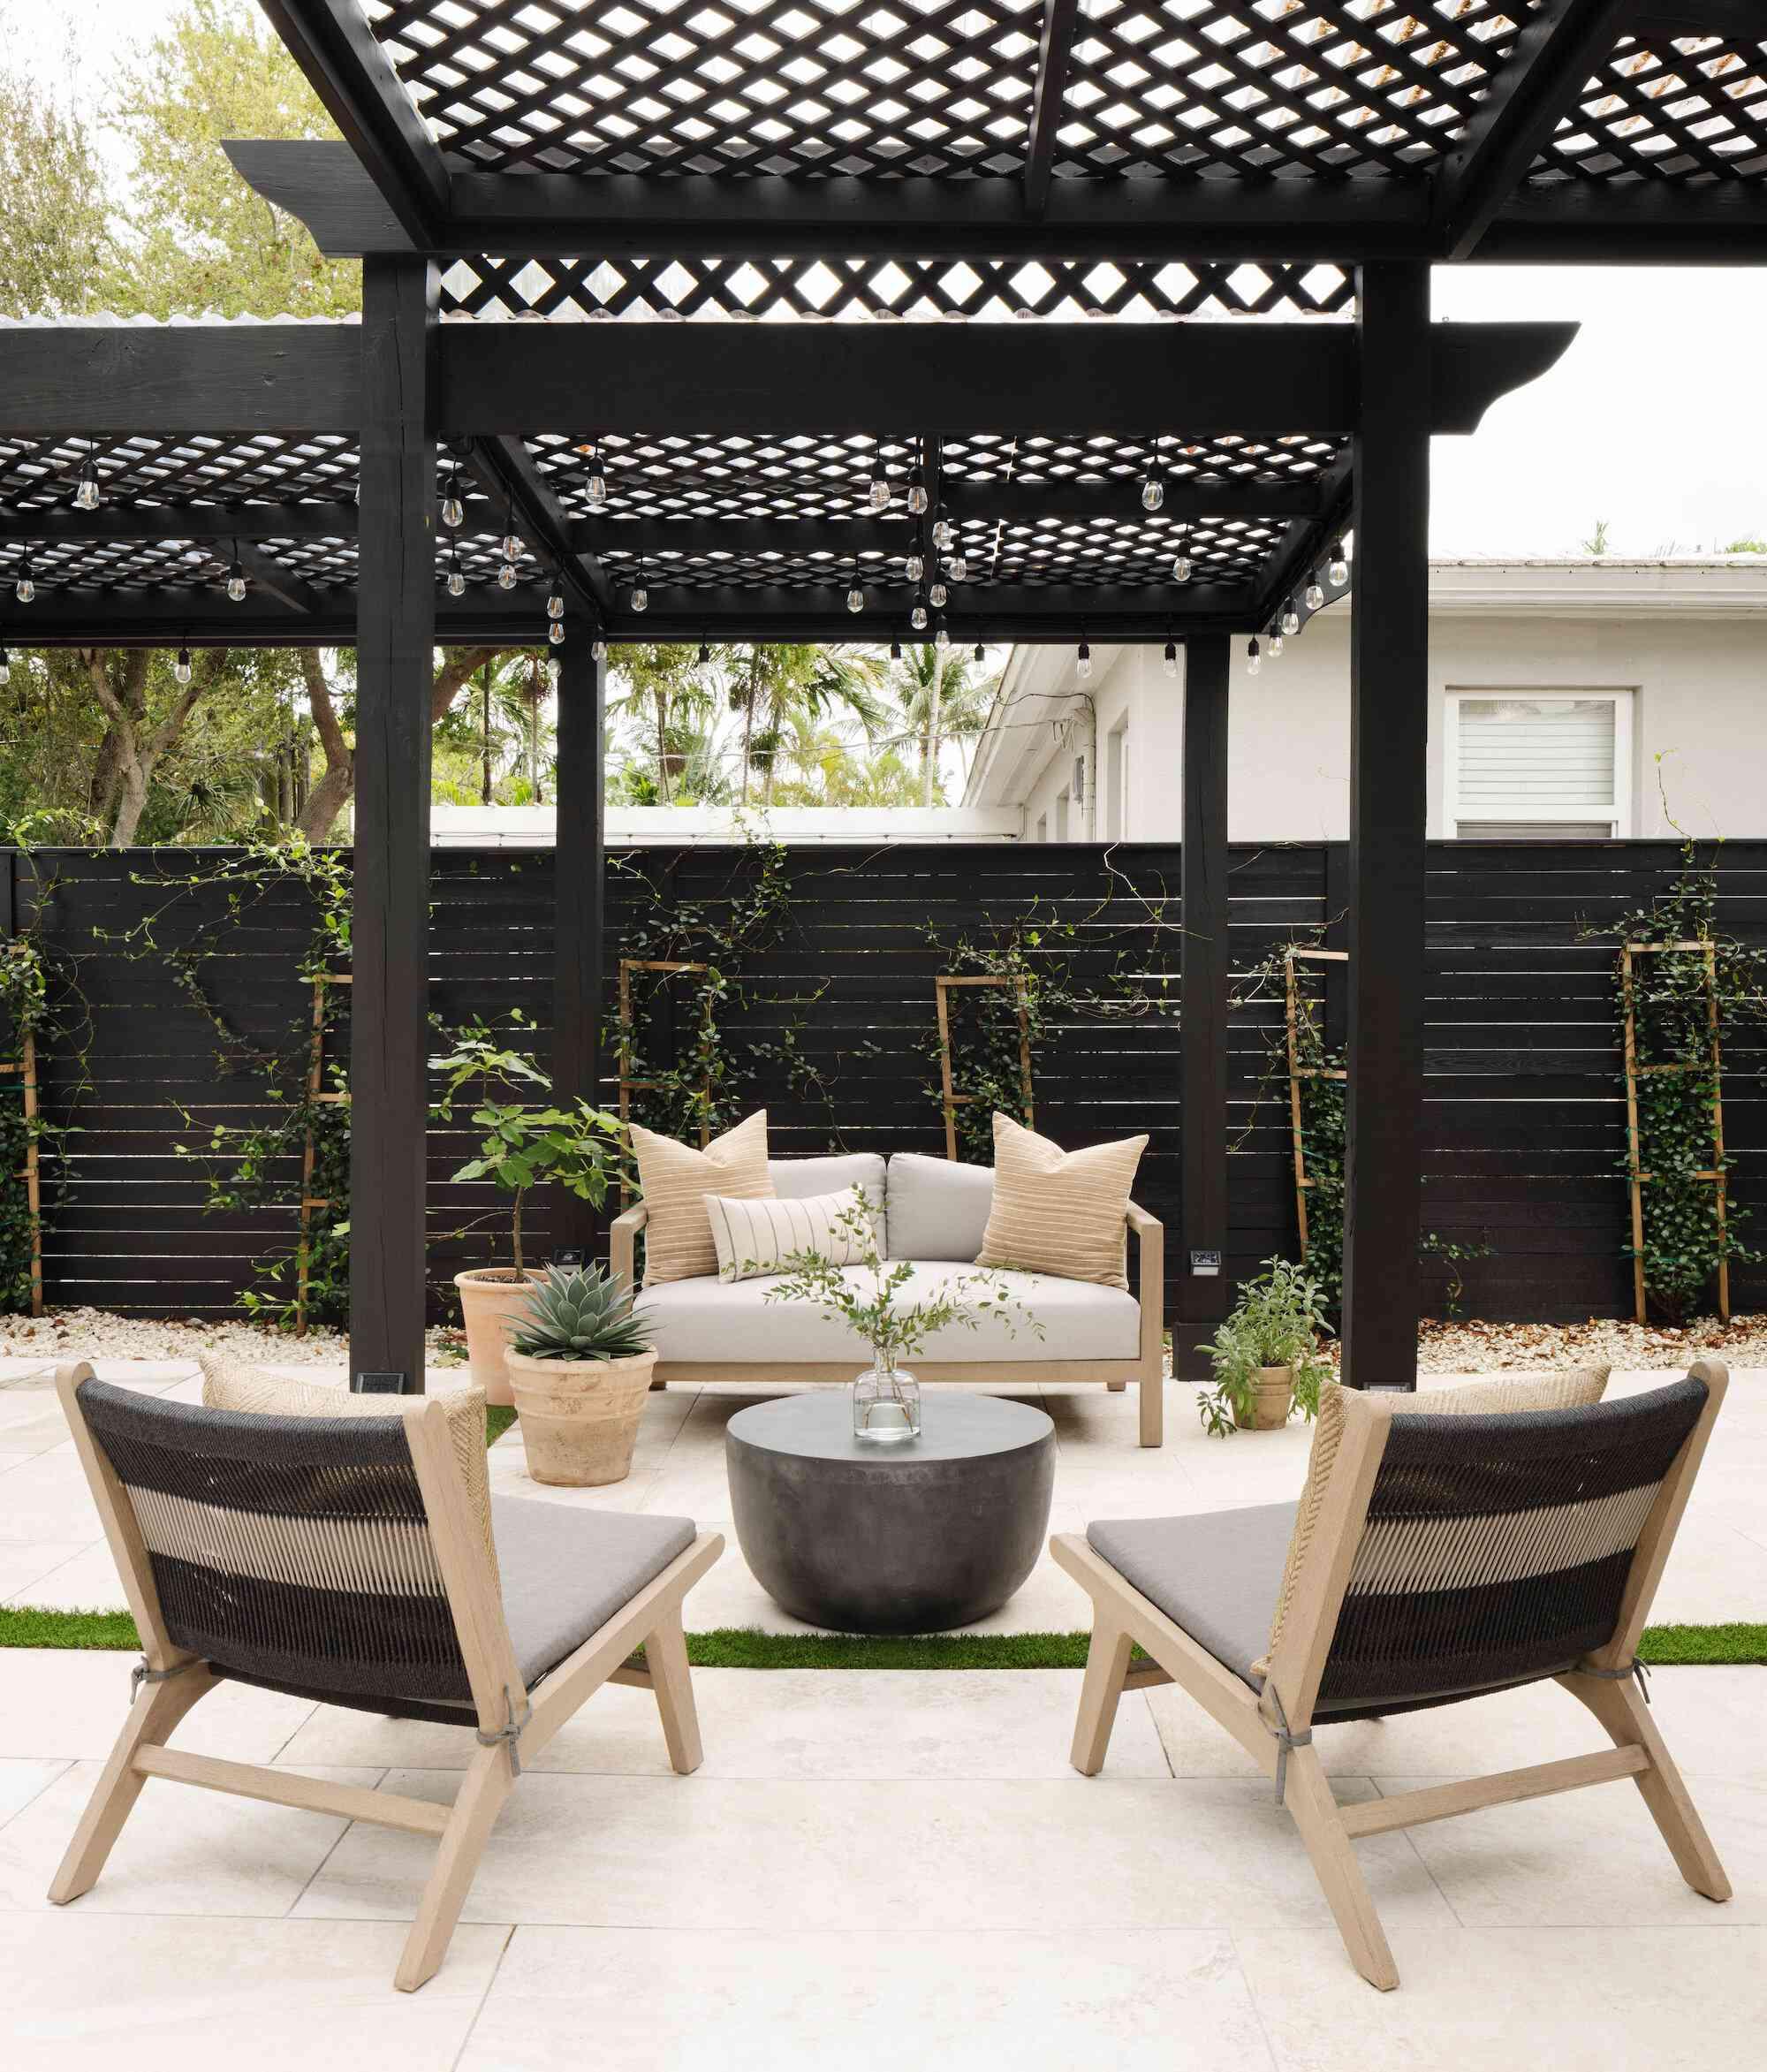 Calimia Home privacy fence